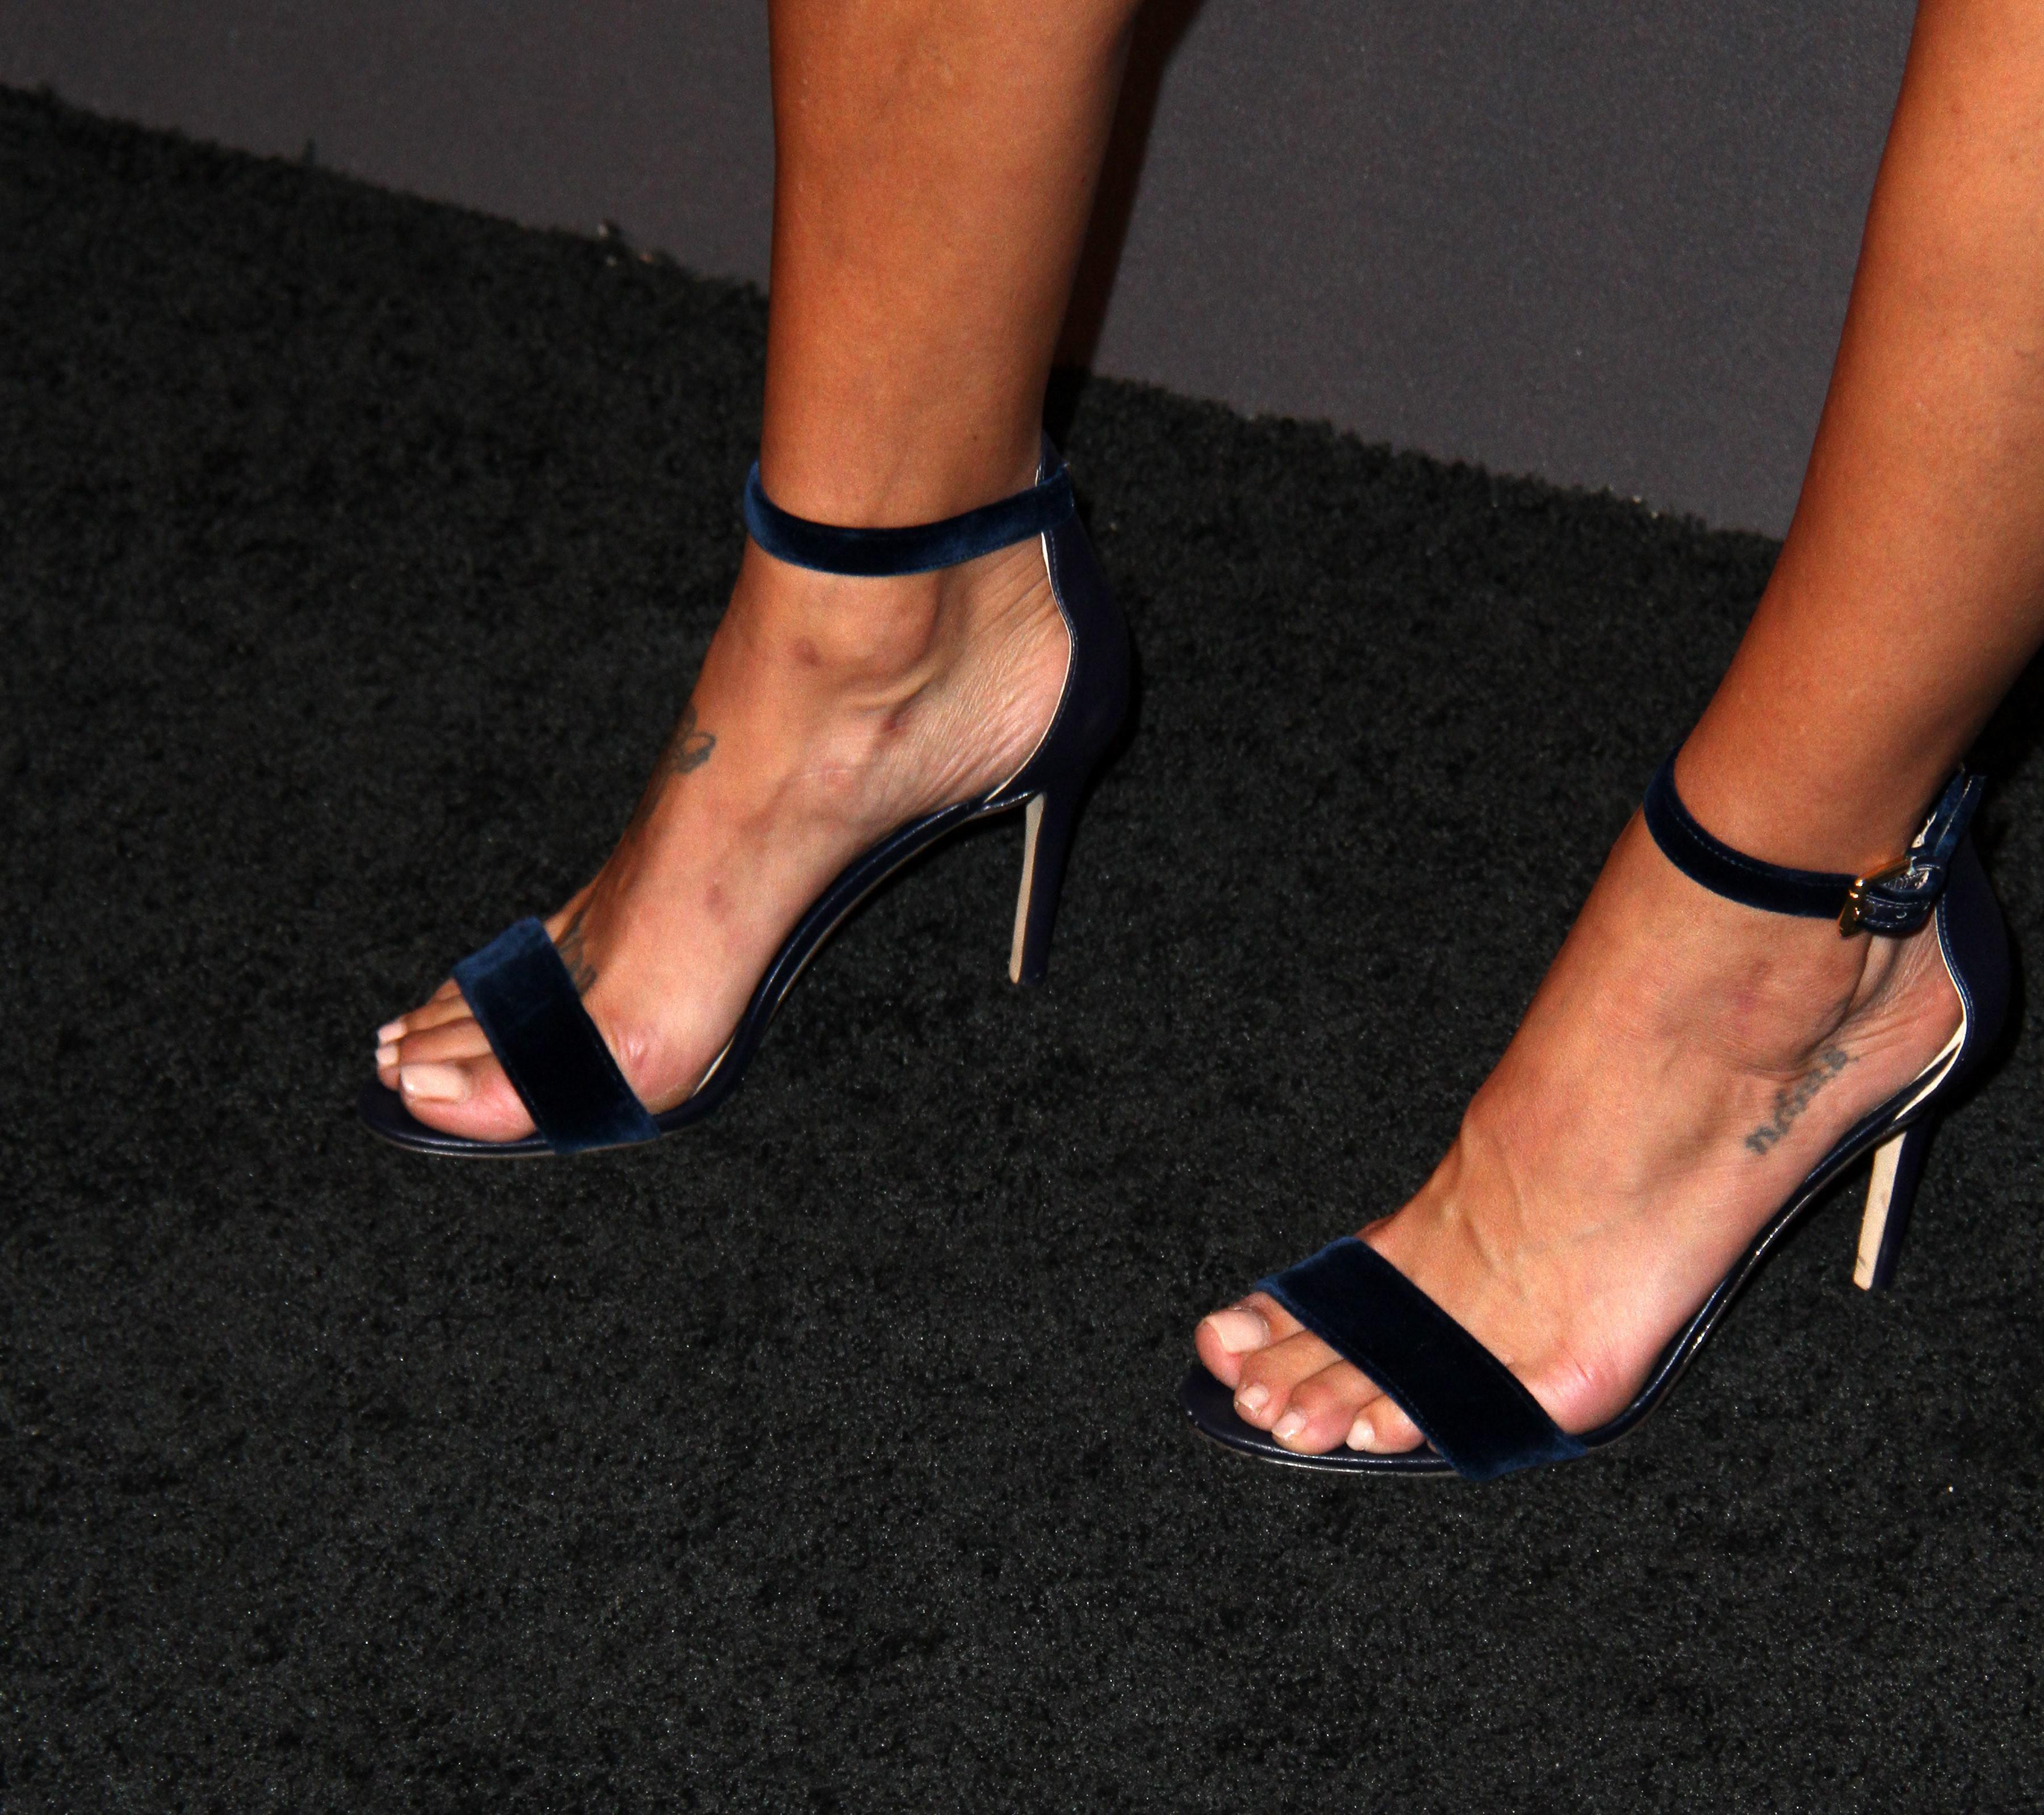 Jessica Szohr s Feet wikiFeet